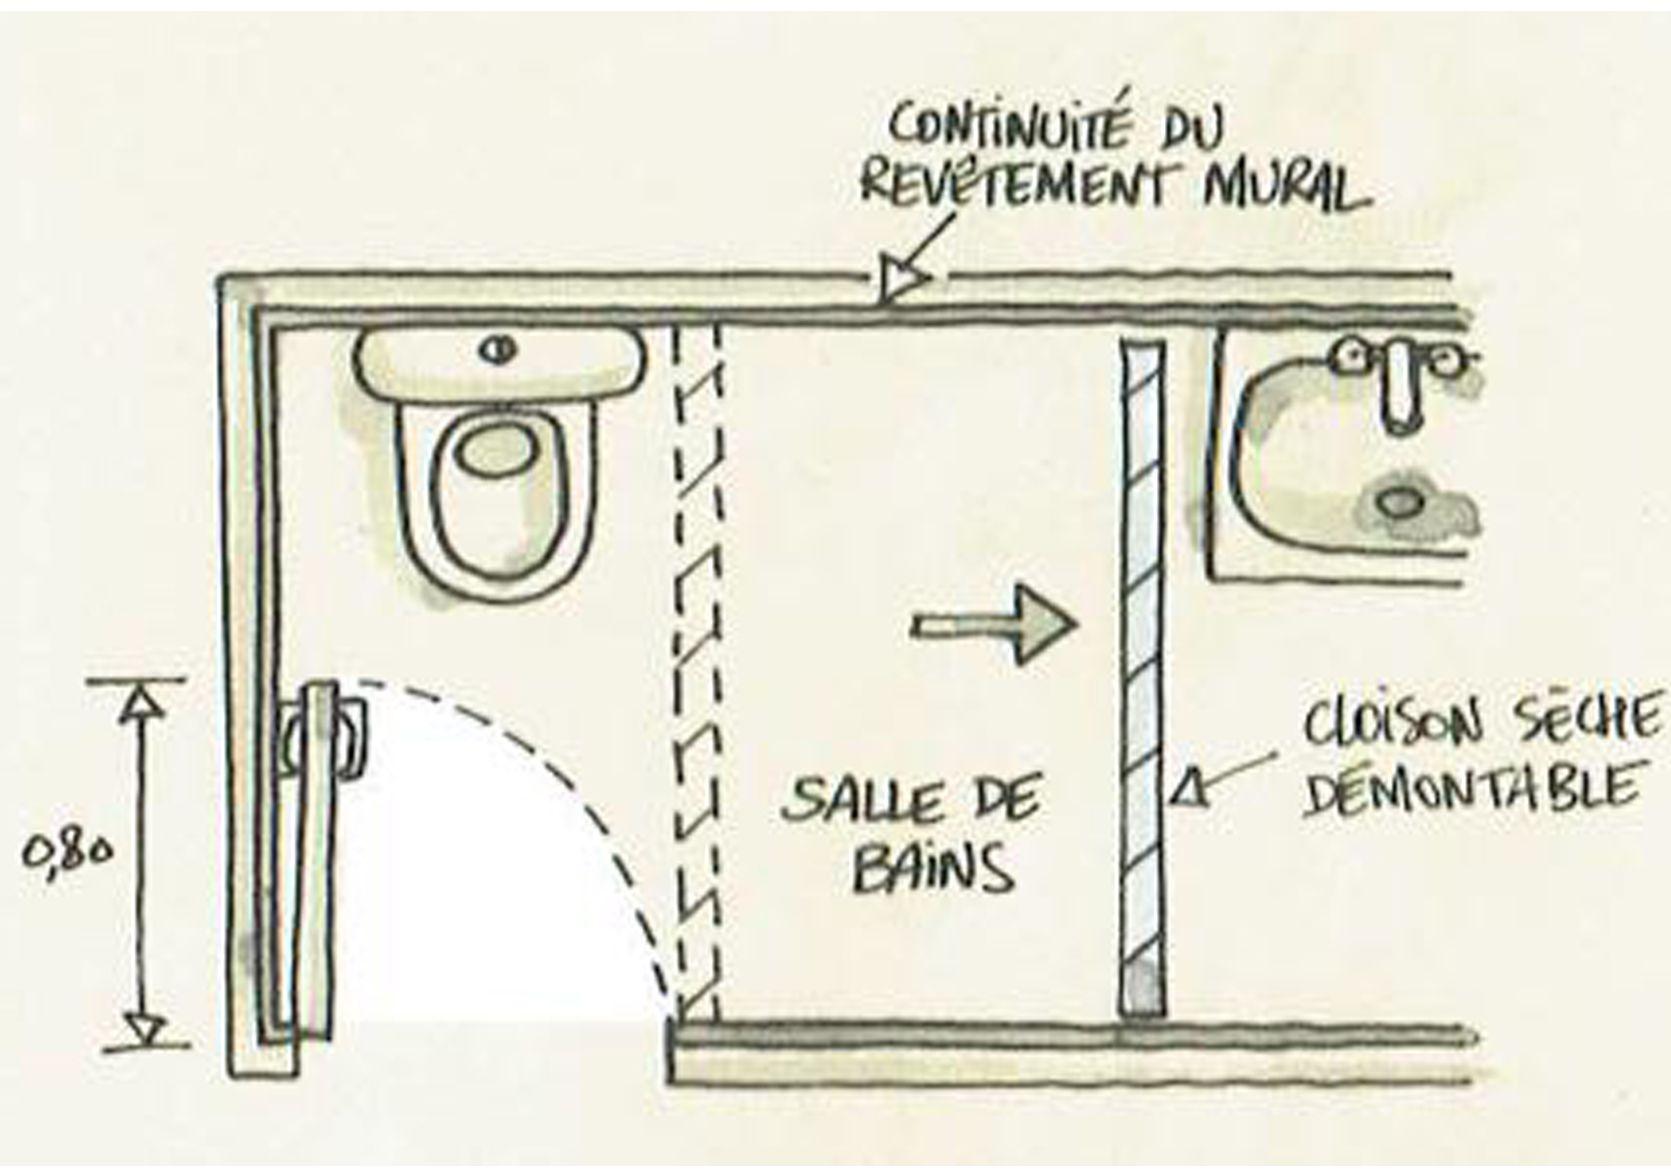 Categorie Accessibilite Handicape Erp Vaucluse Dessinateur Projeteur Amenagement Salle De Bain Parement Mural